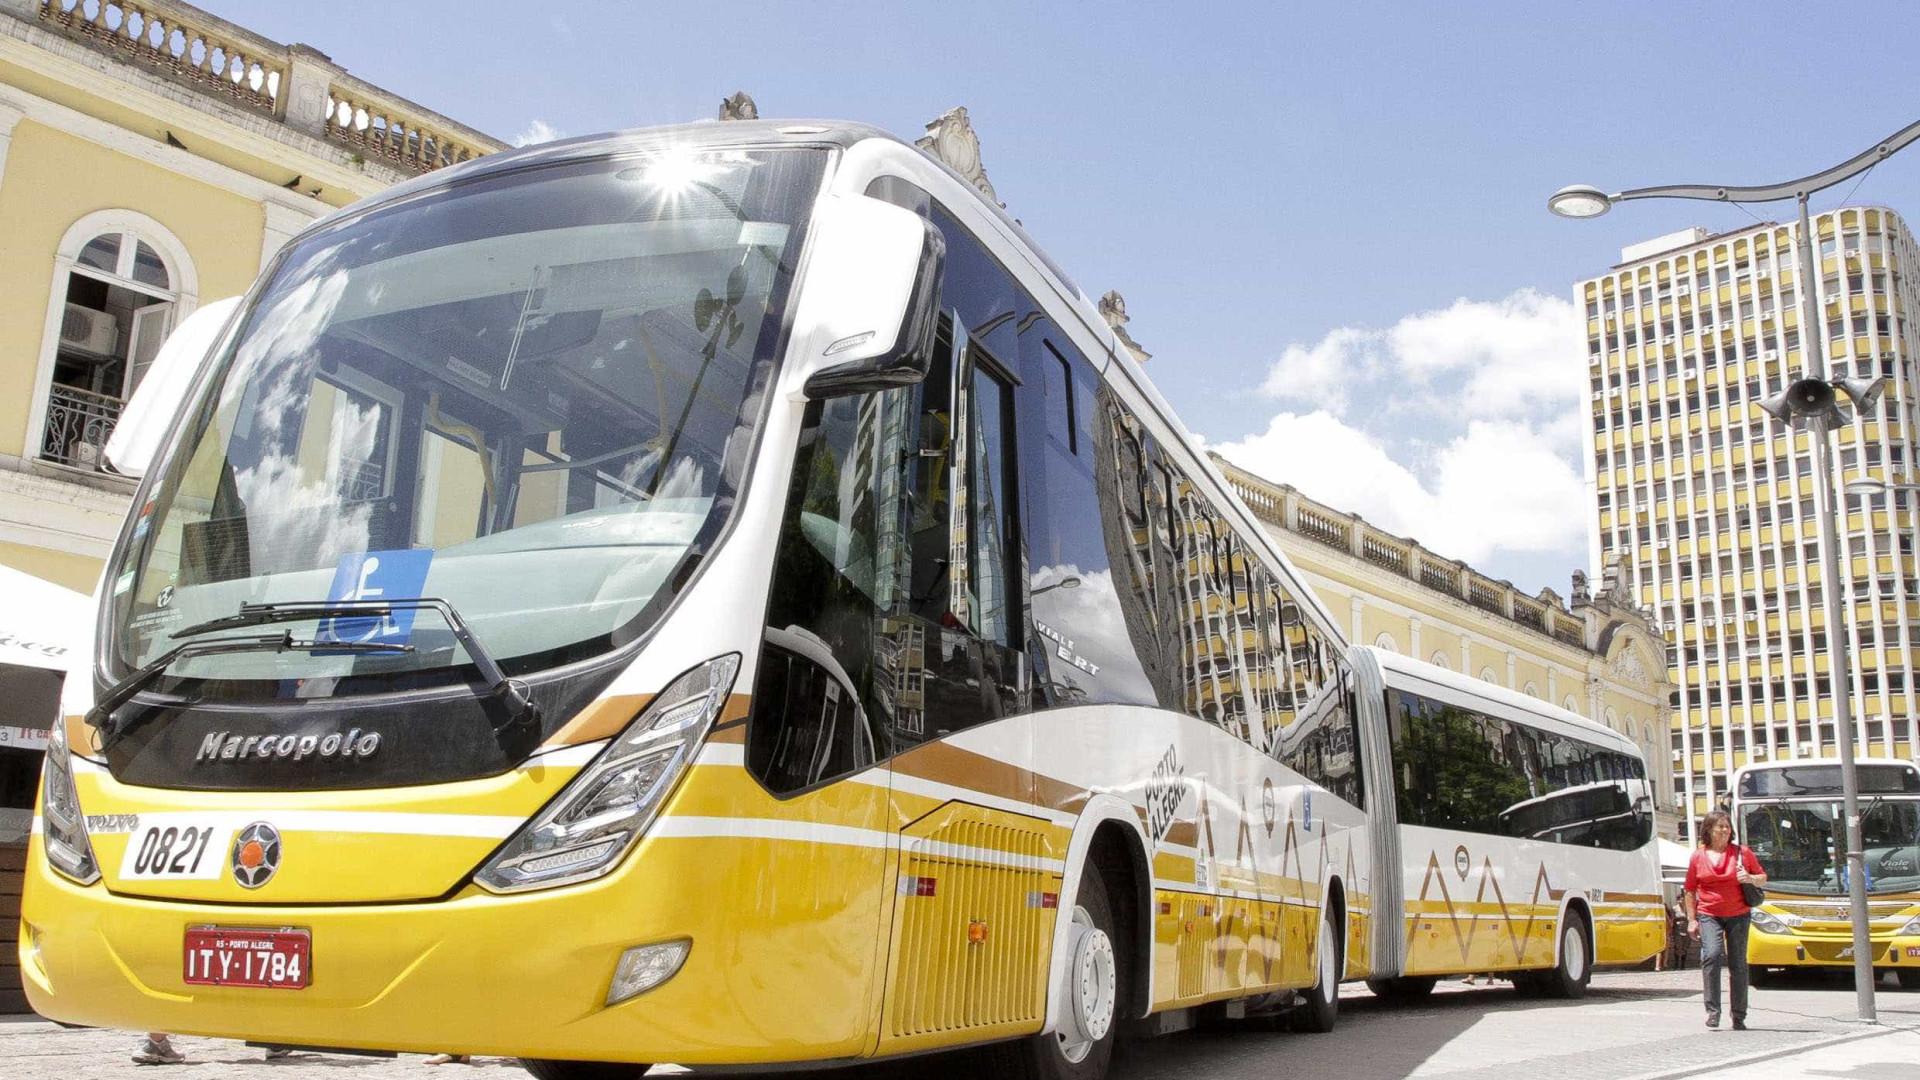 Juíza suspende aumento de passagem de ônibus em BH